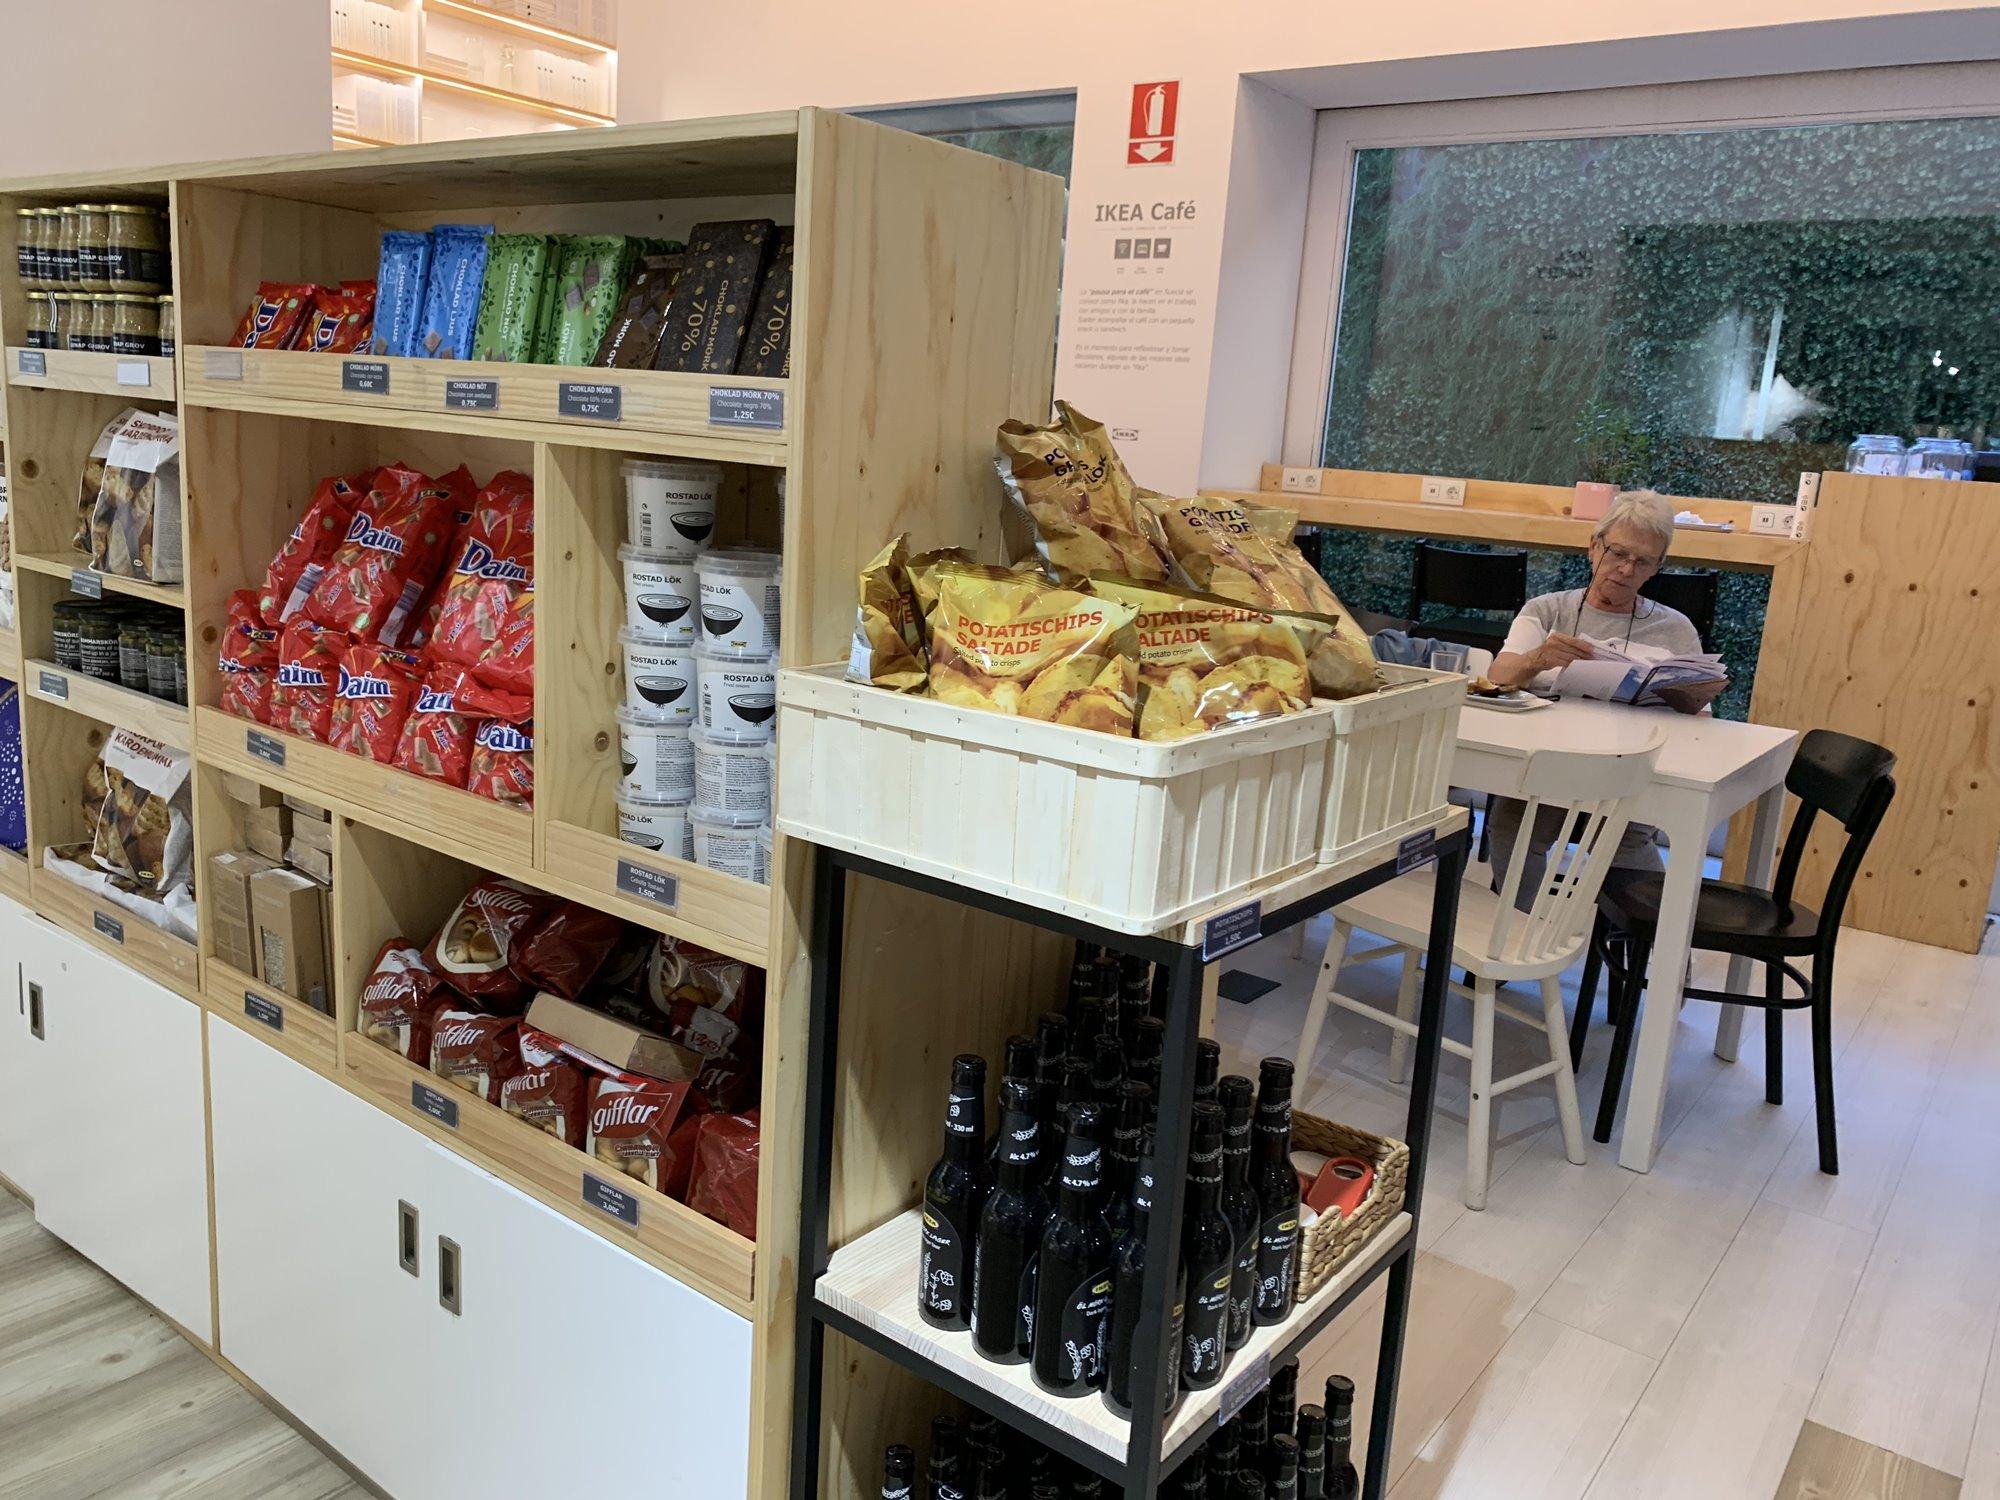 Este 'Ikea' cuenta con un espacio Fika (en Suecia, pausa para tomar café).